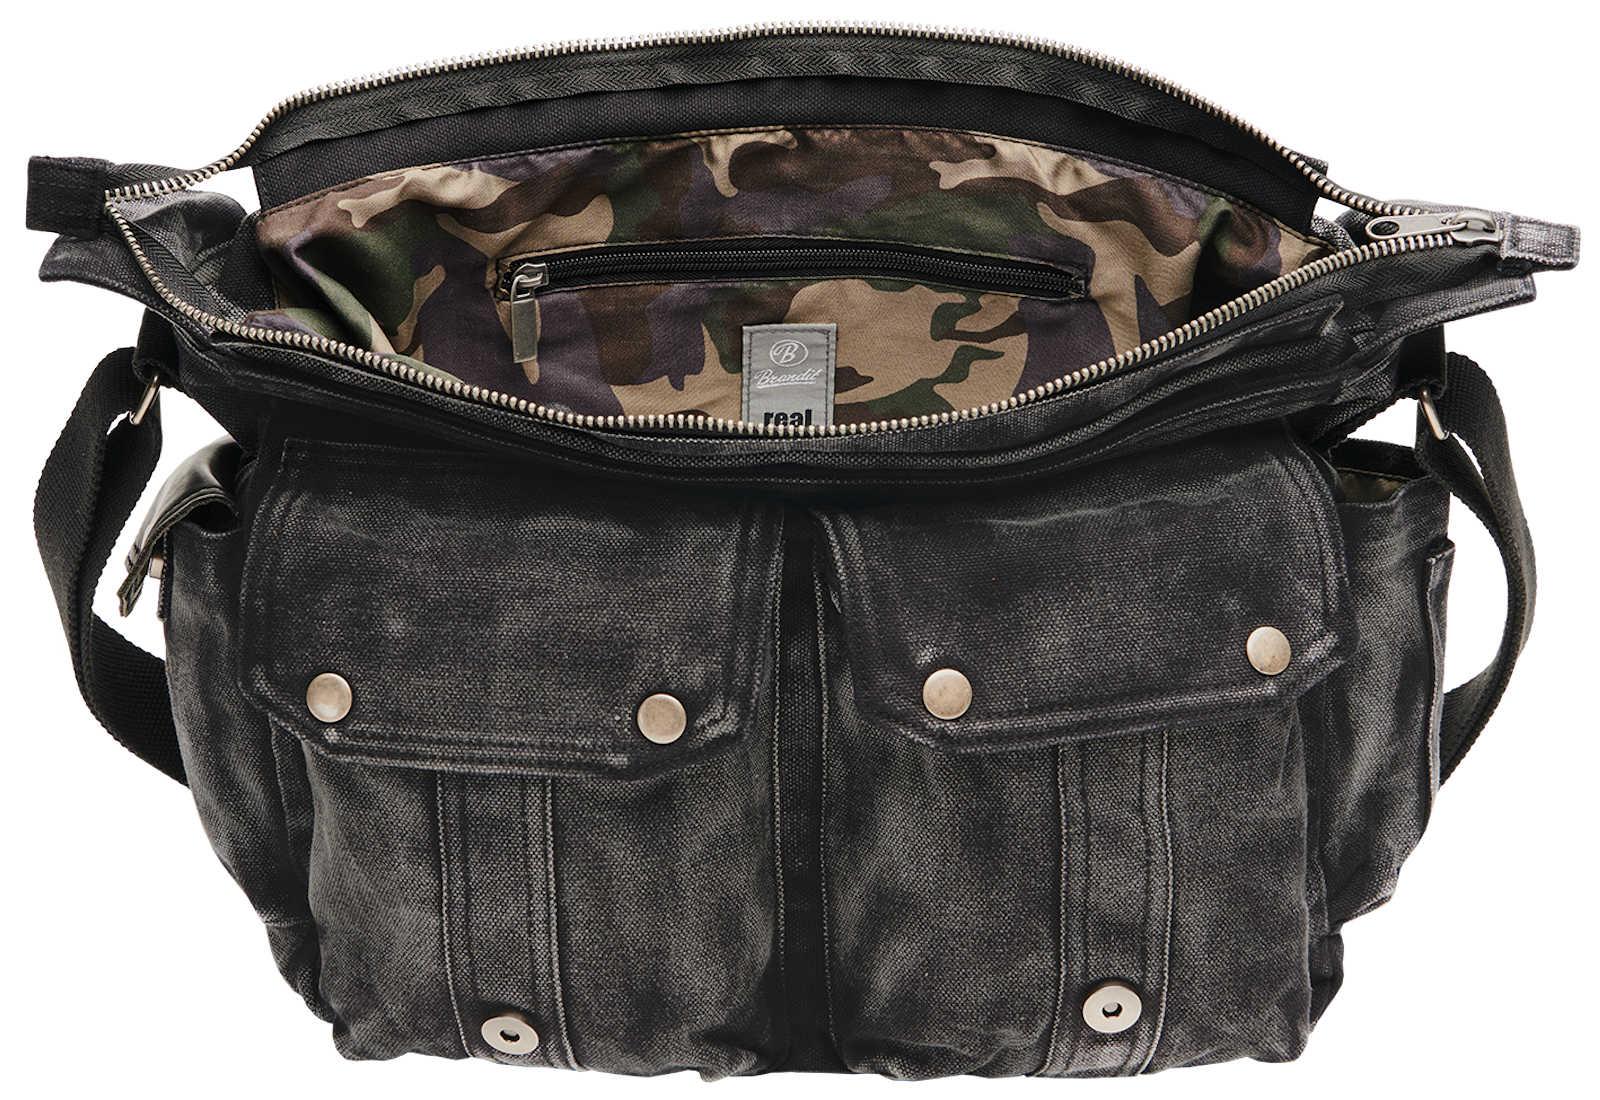 Brandit Hinsdale Vintage Bag 8033 Vintage Tasche Bag Tasche Vintage Umhängetasche ae7e6c